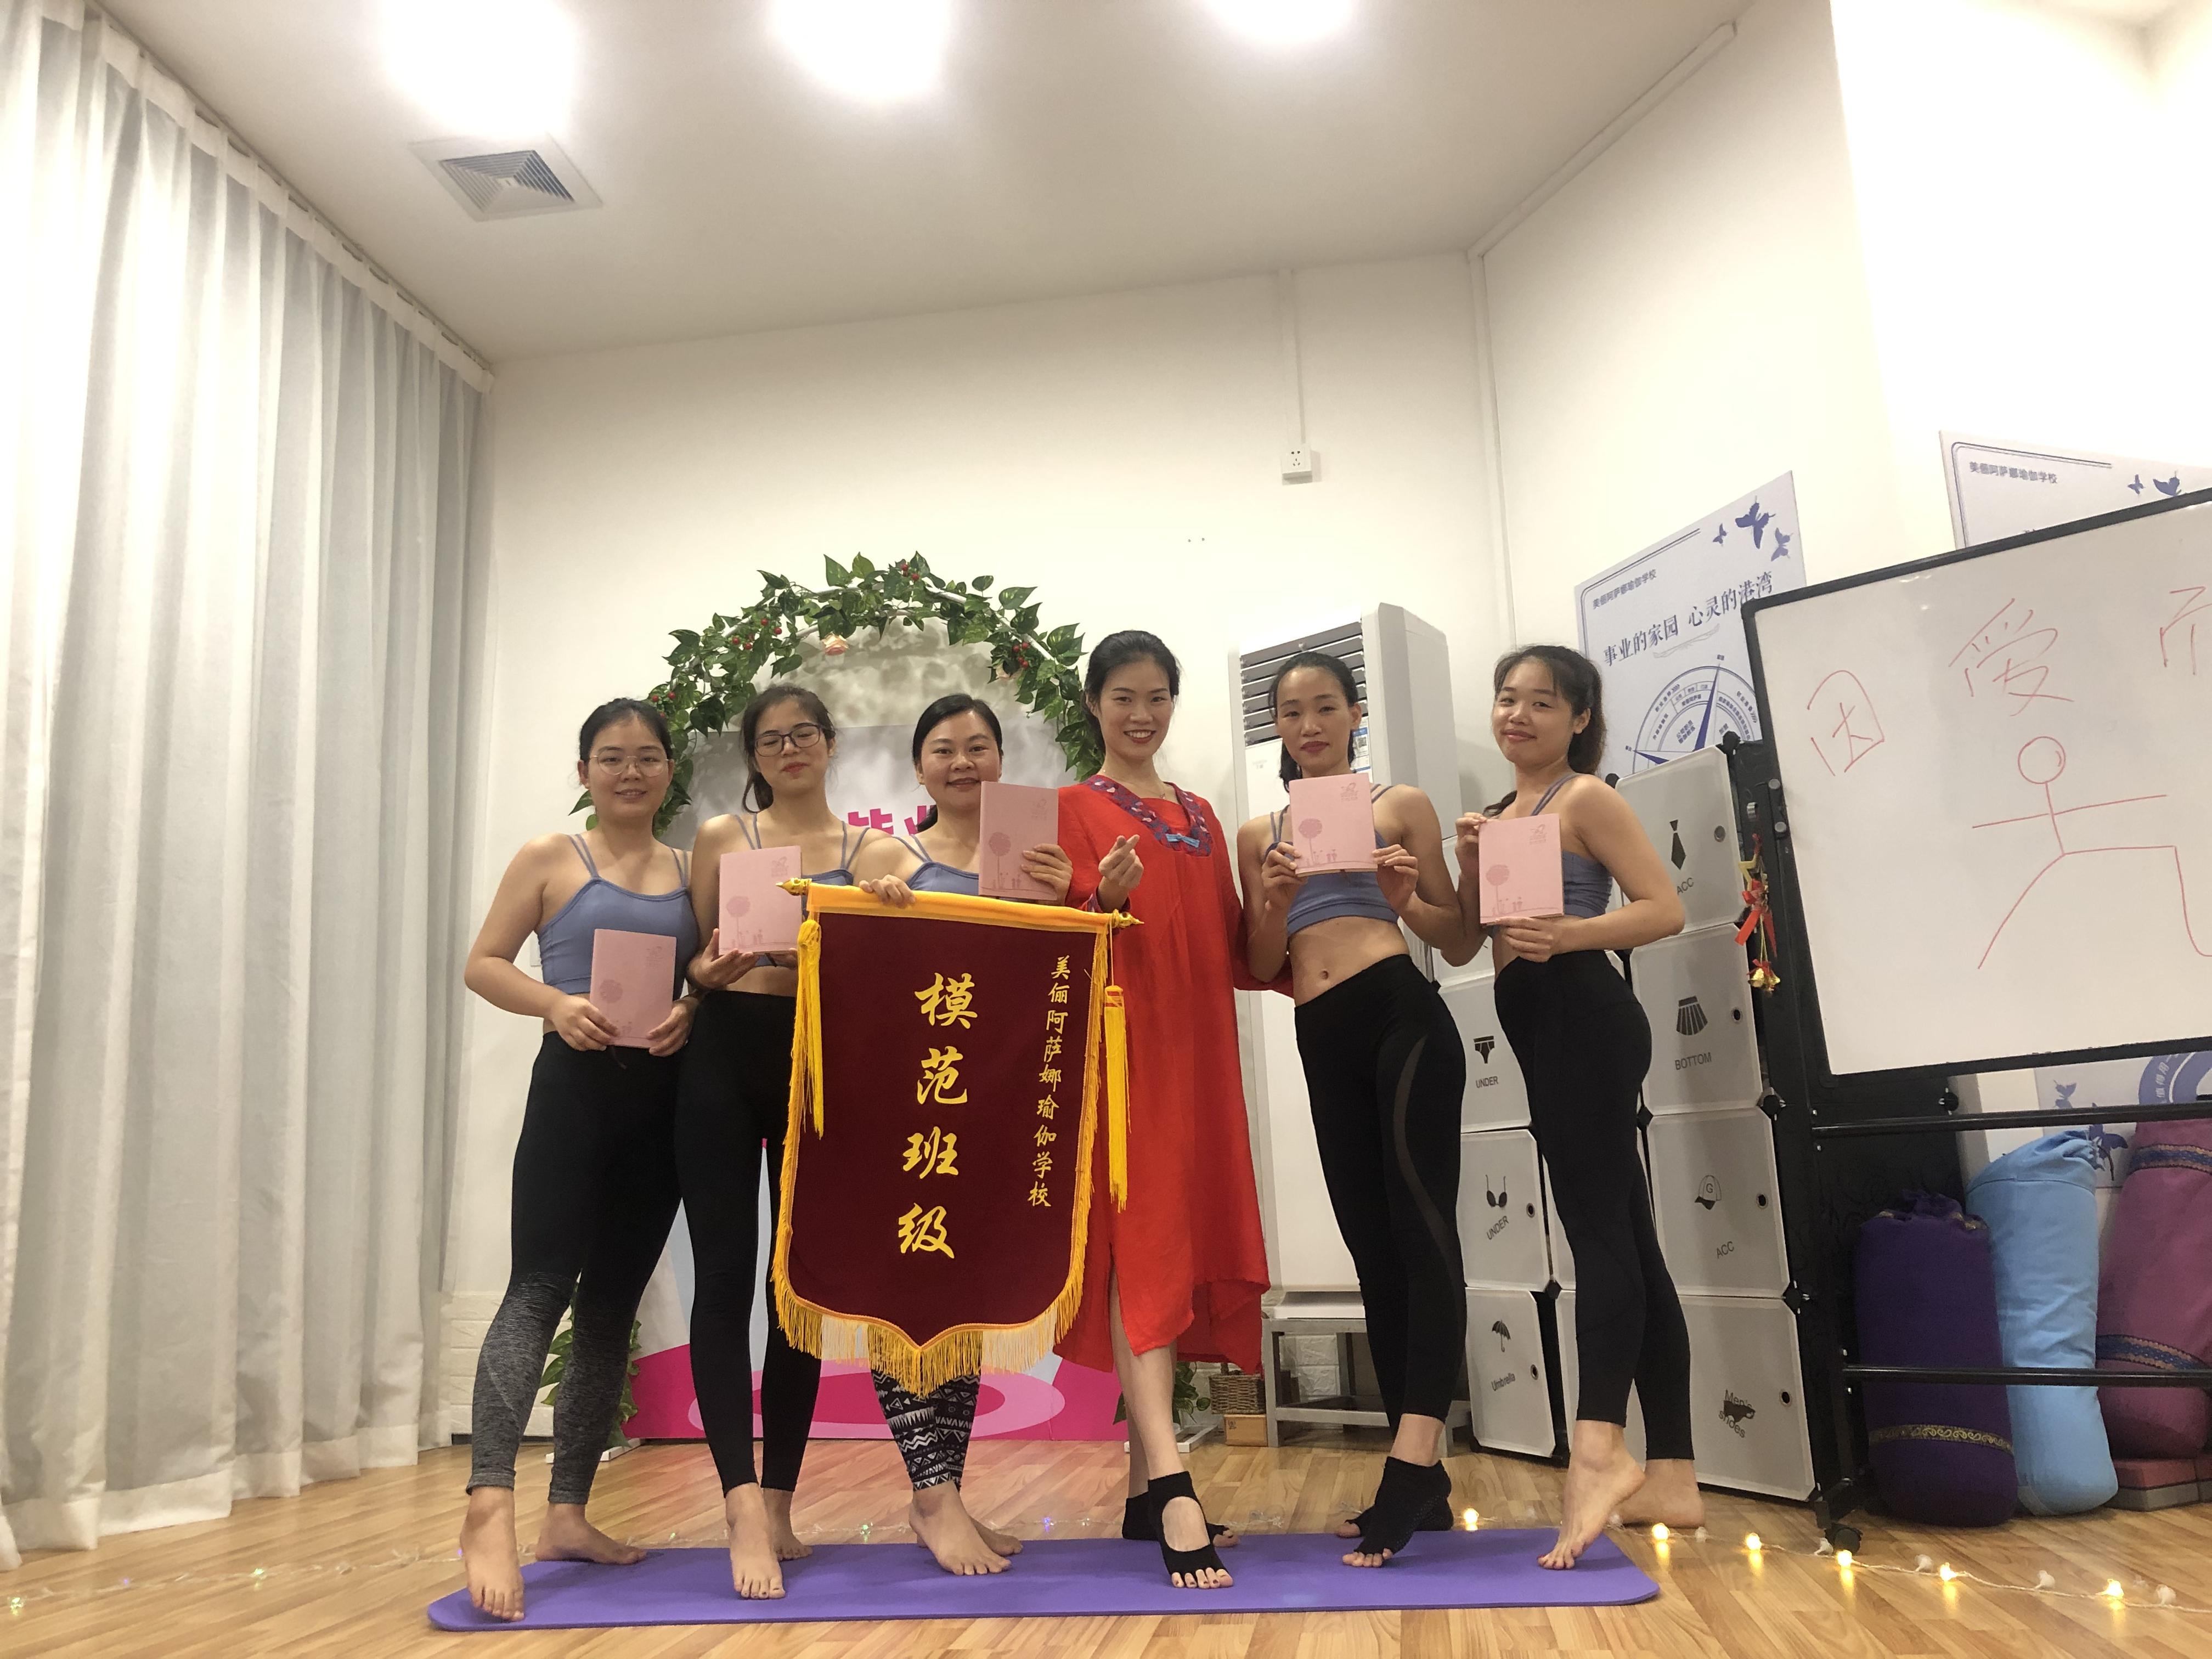 2019.6月瑜伽培训之广州校区模范班级评选活动